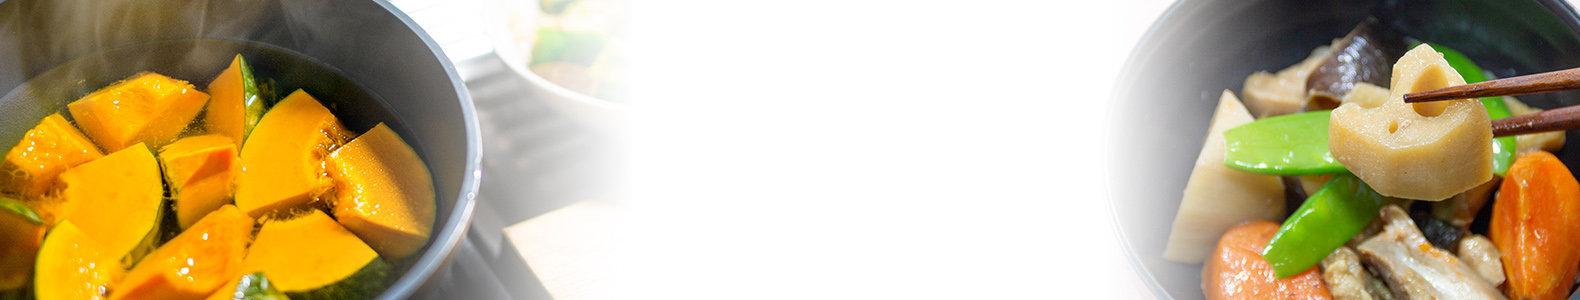 煮物中央文字1580×300.jpg